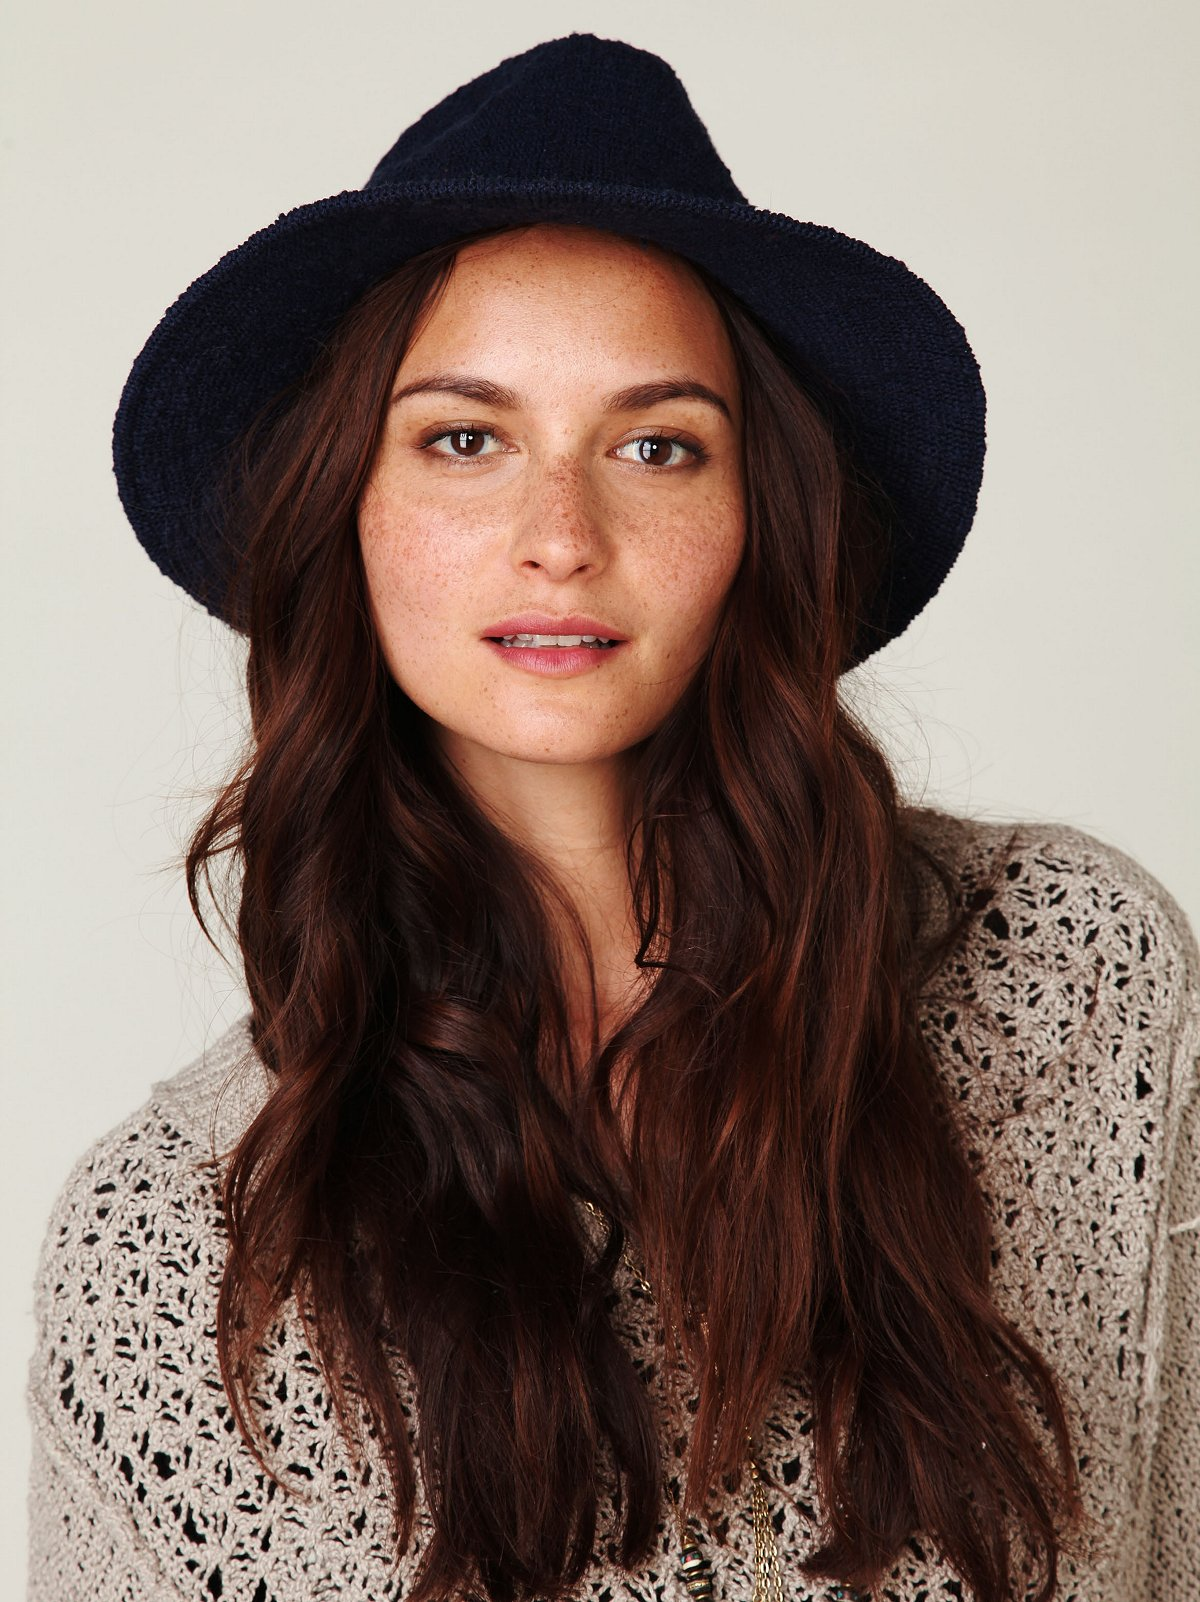 Shri Knitted Ranger Hat